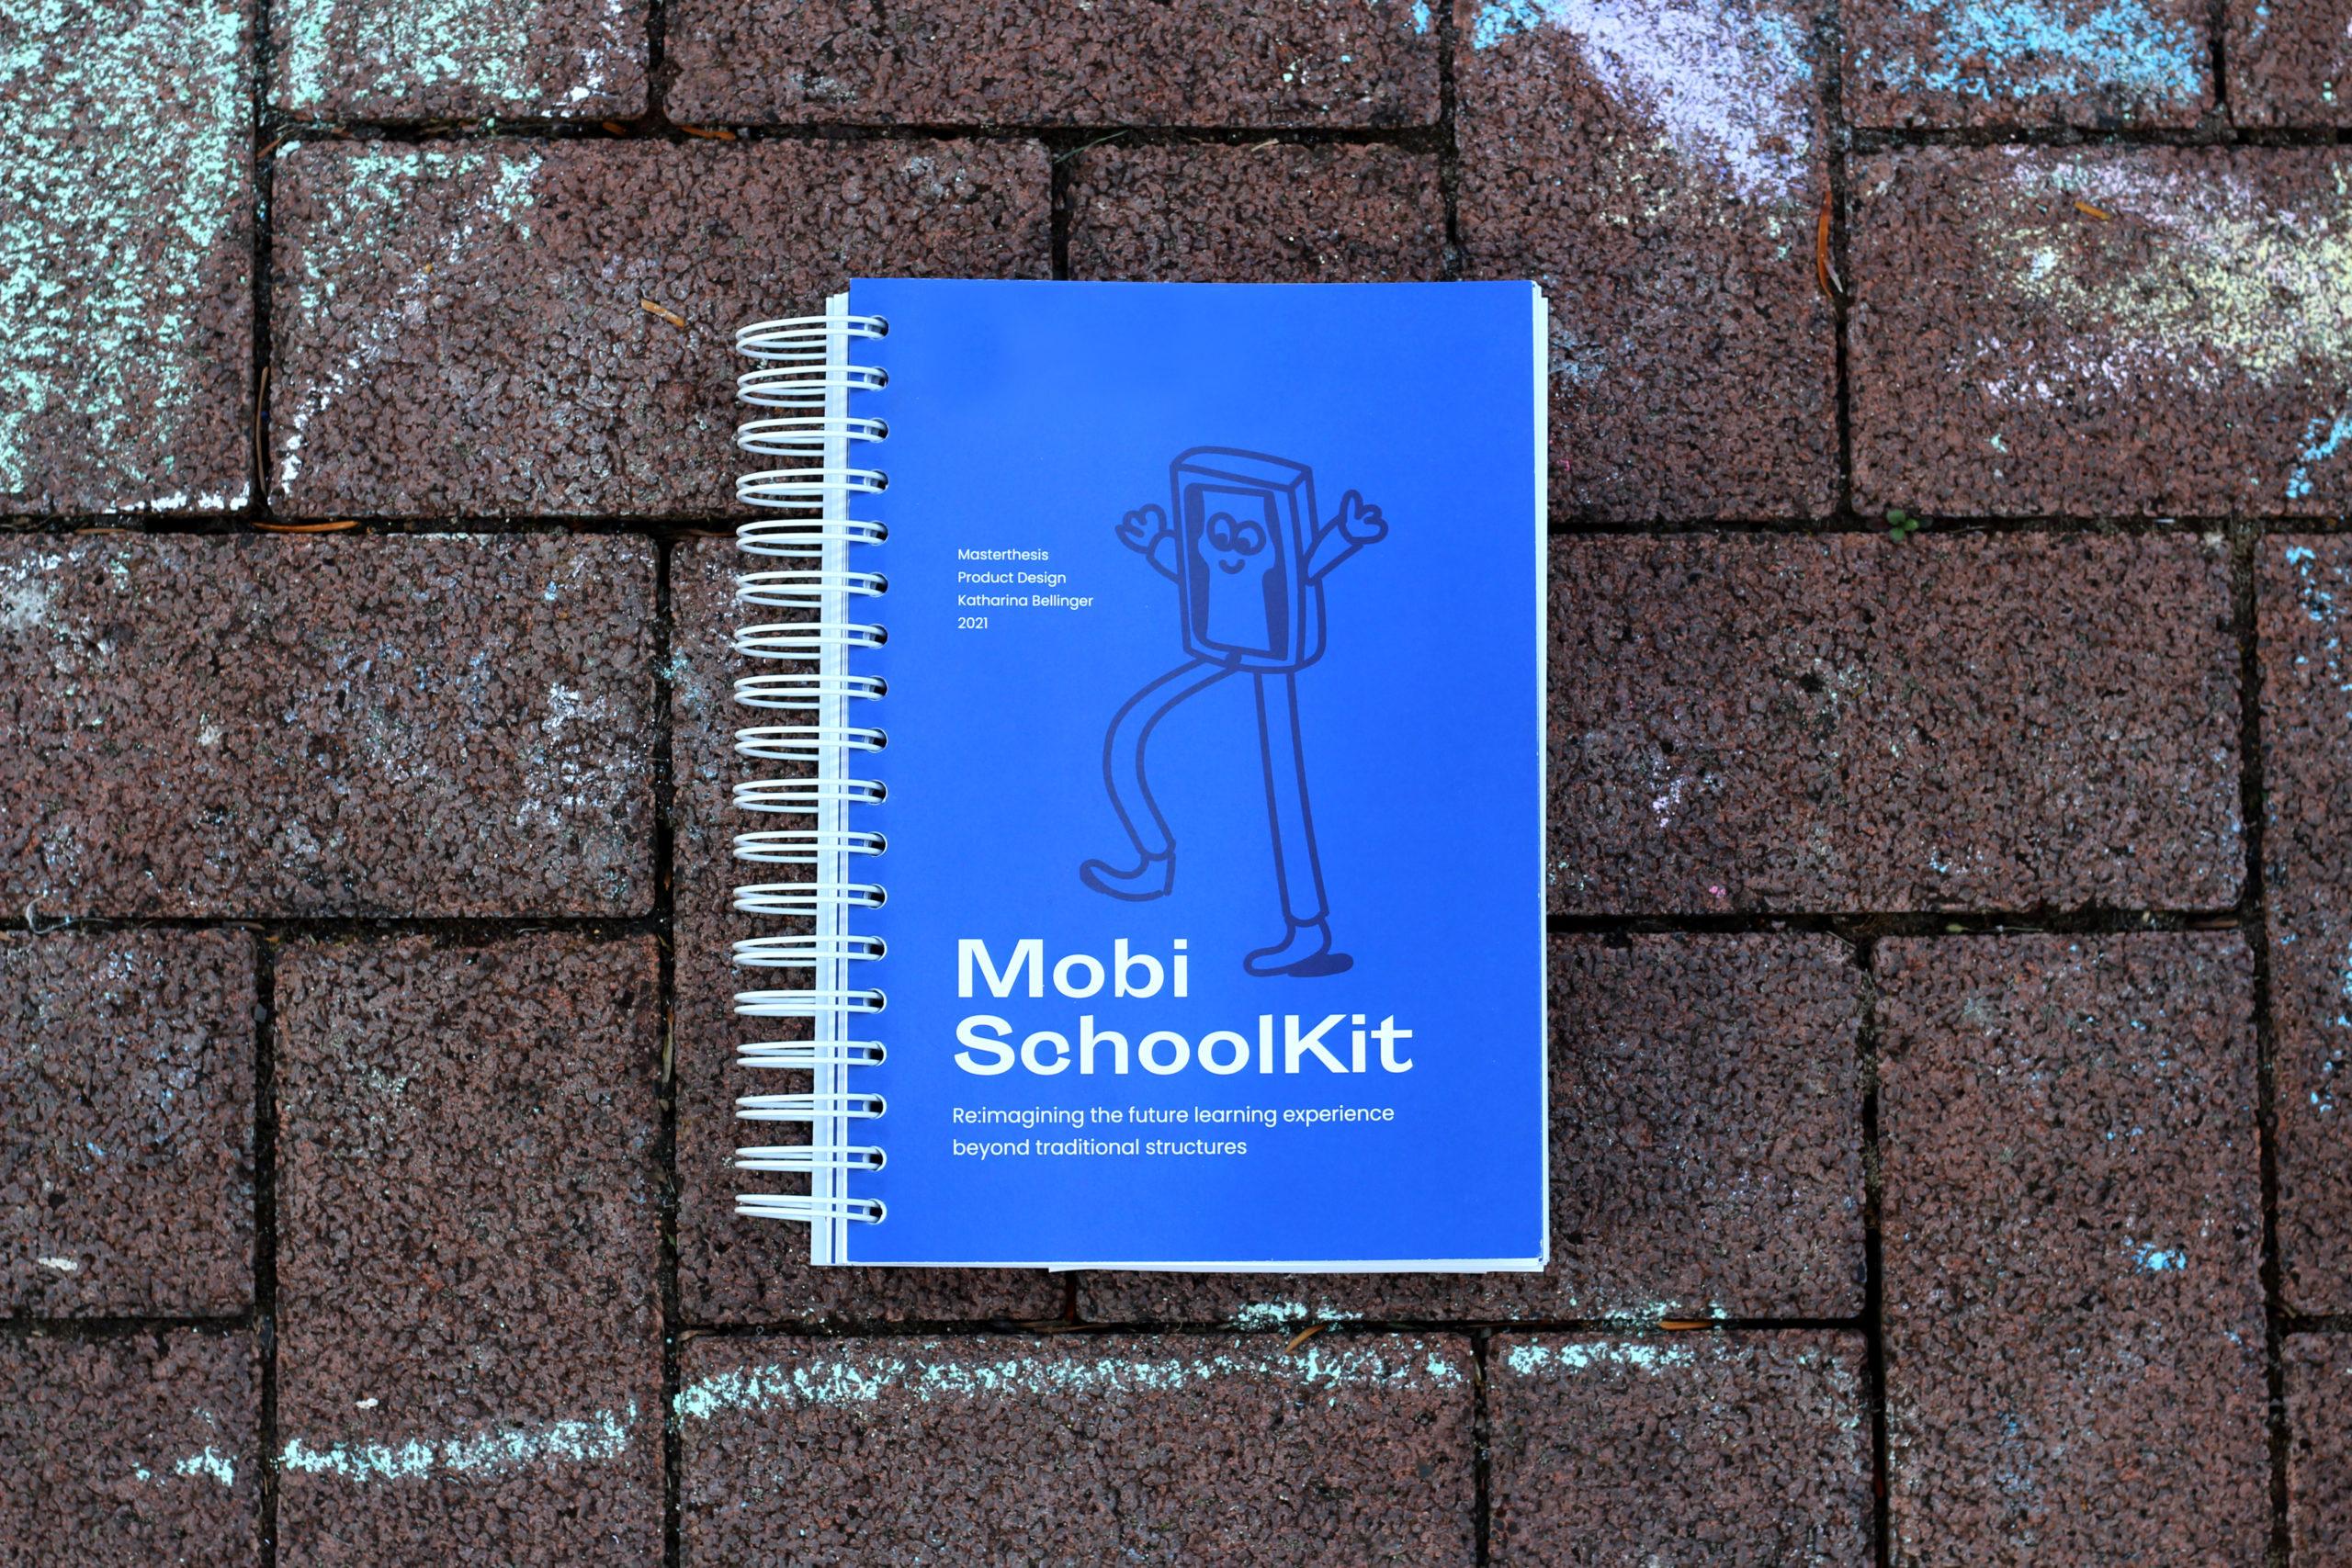 Mobi SchoolKit